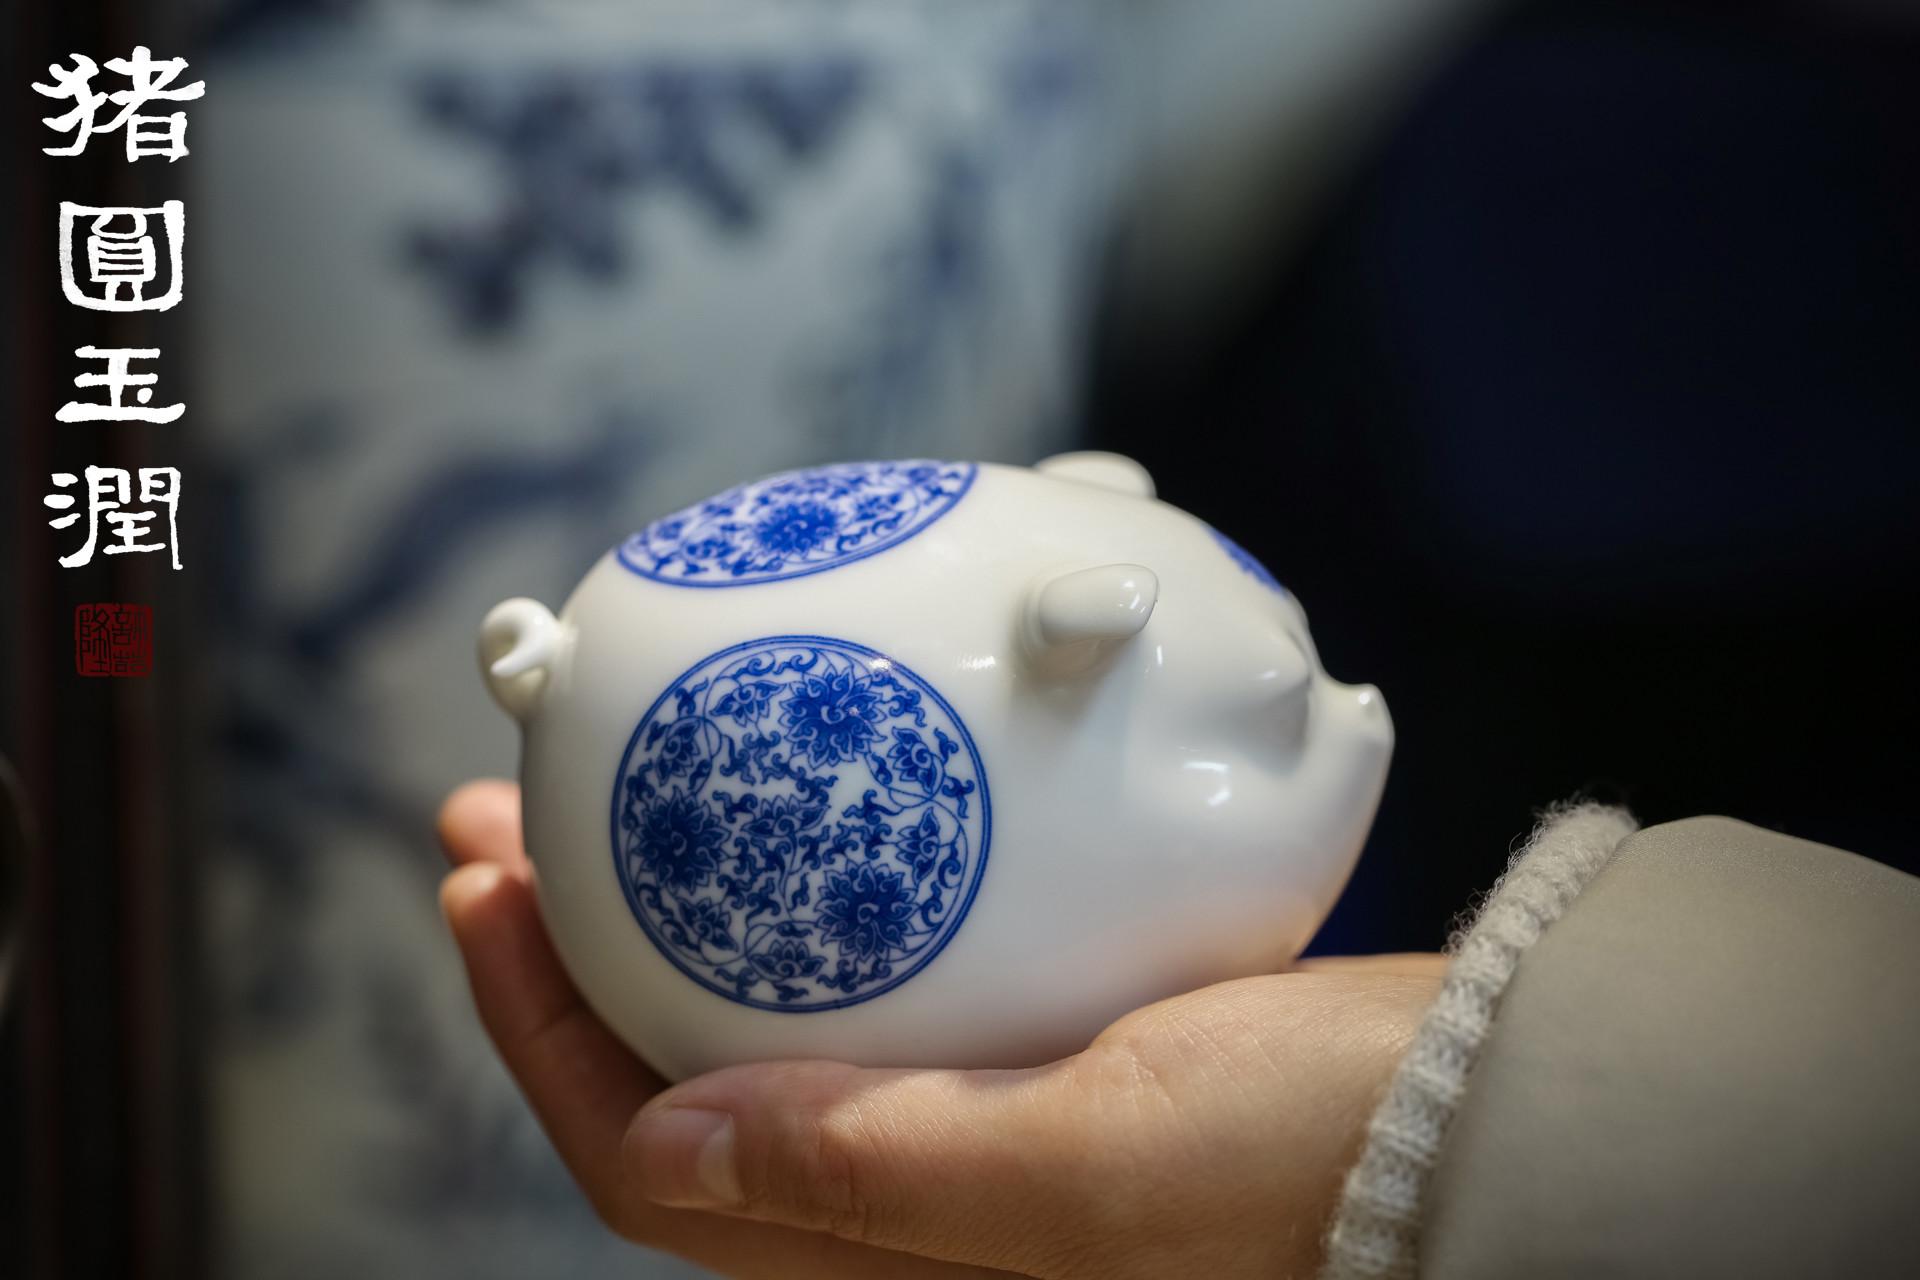 Zhelong xu 810a9689